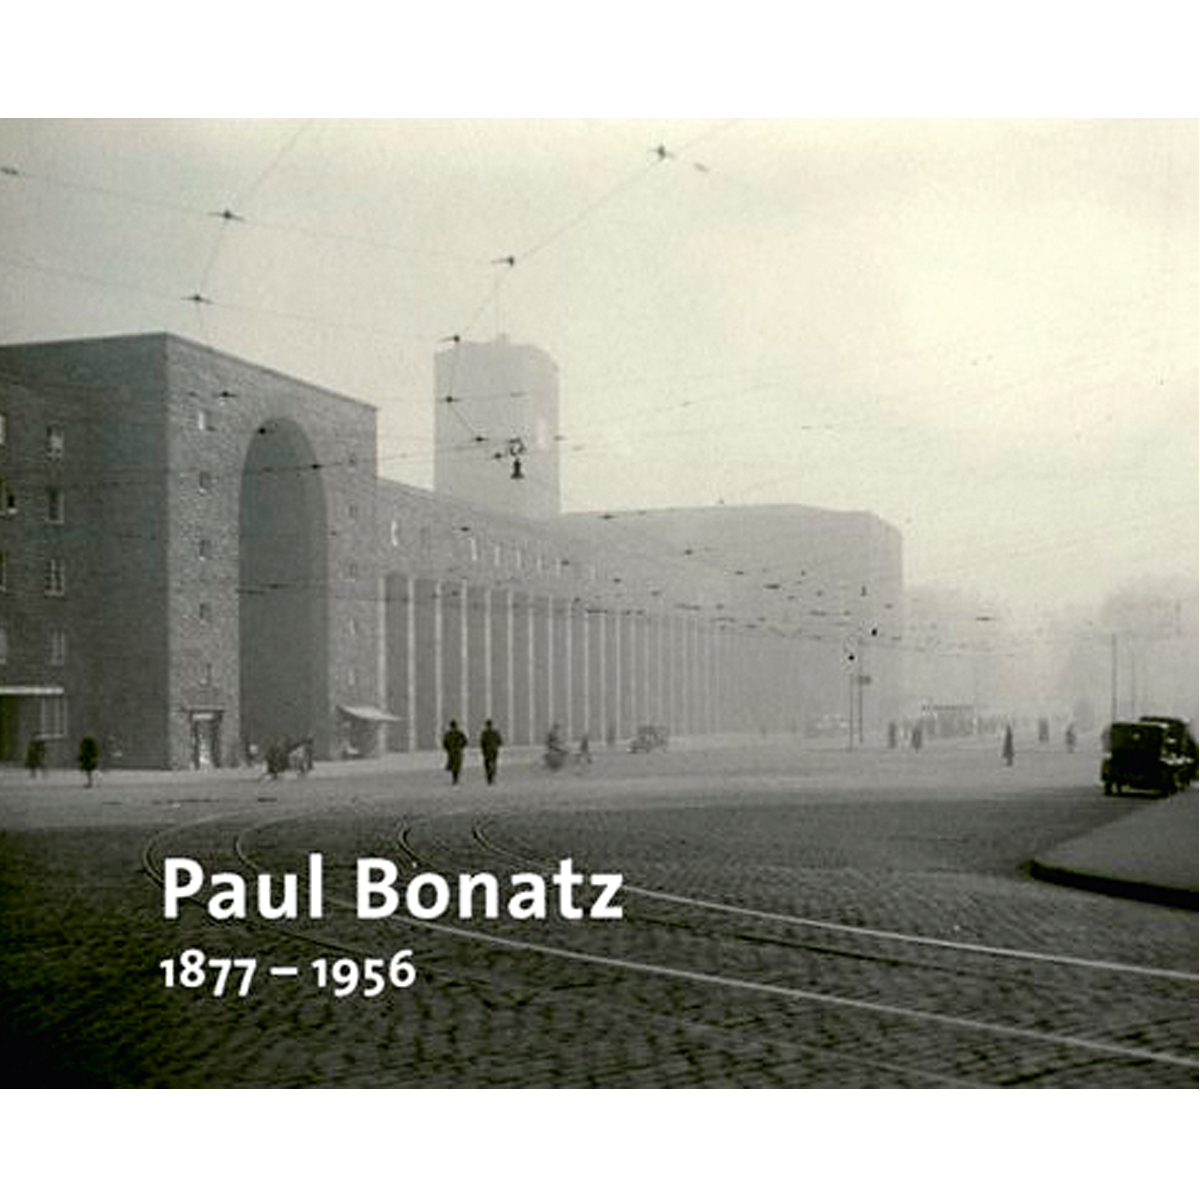 Paul Bonatz, 1877-1956